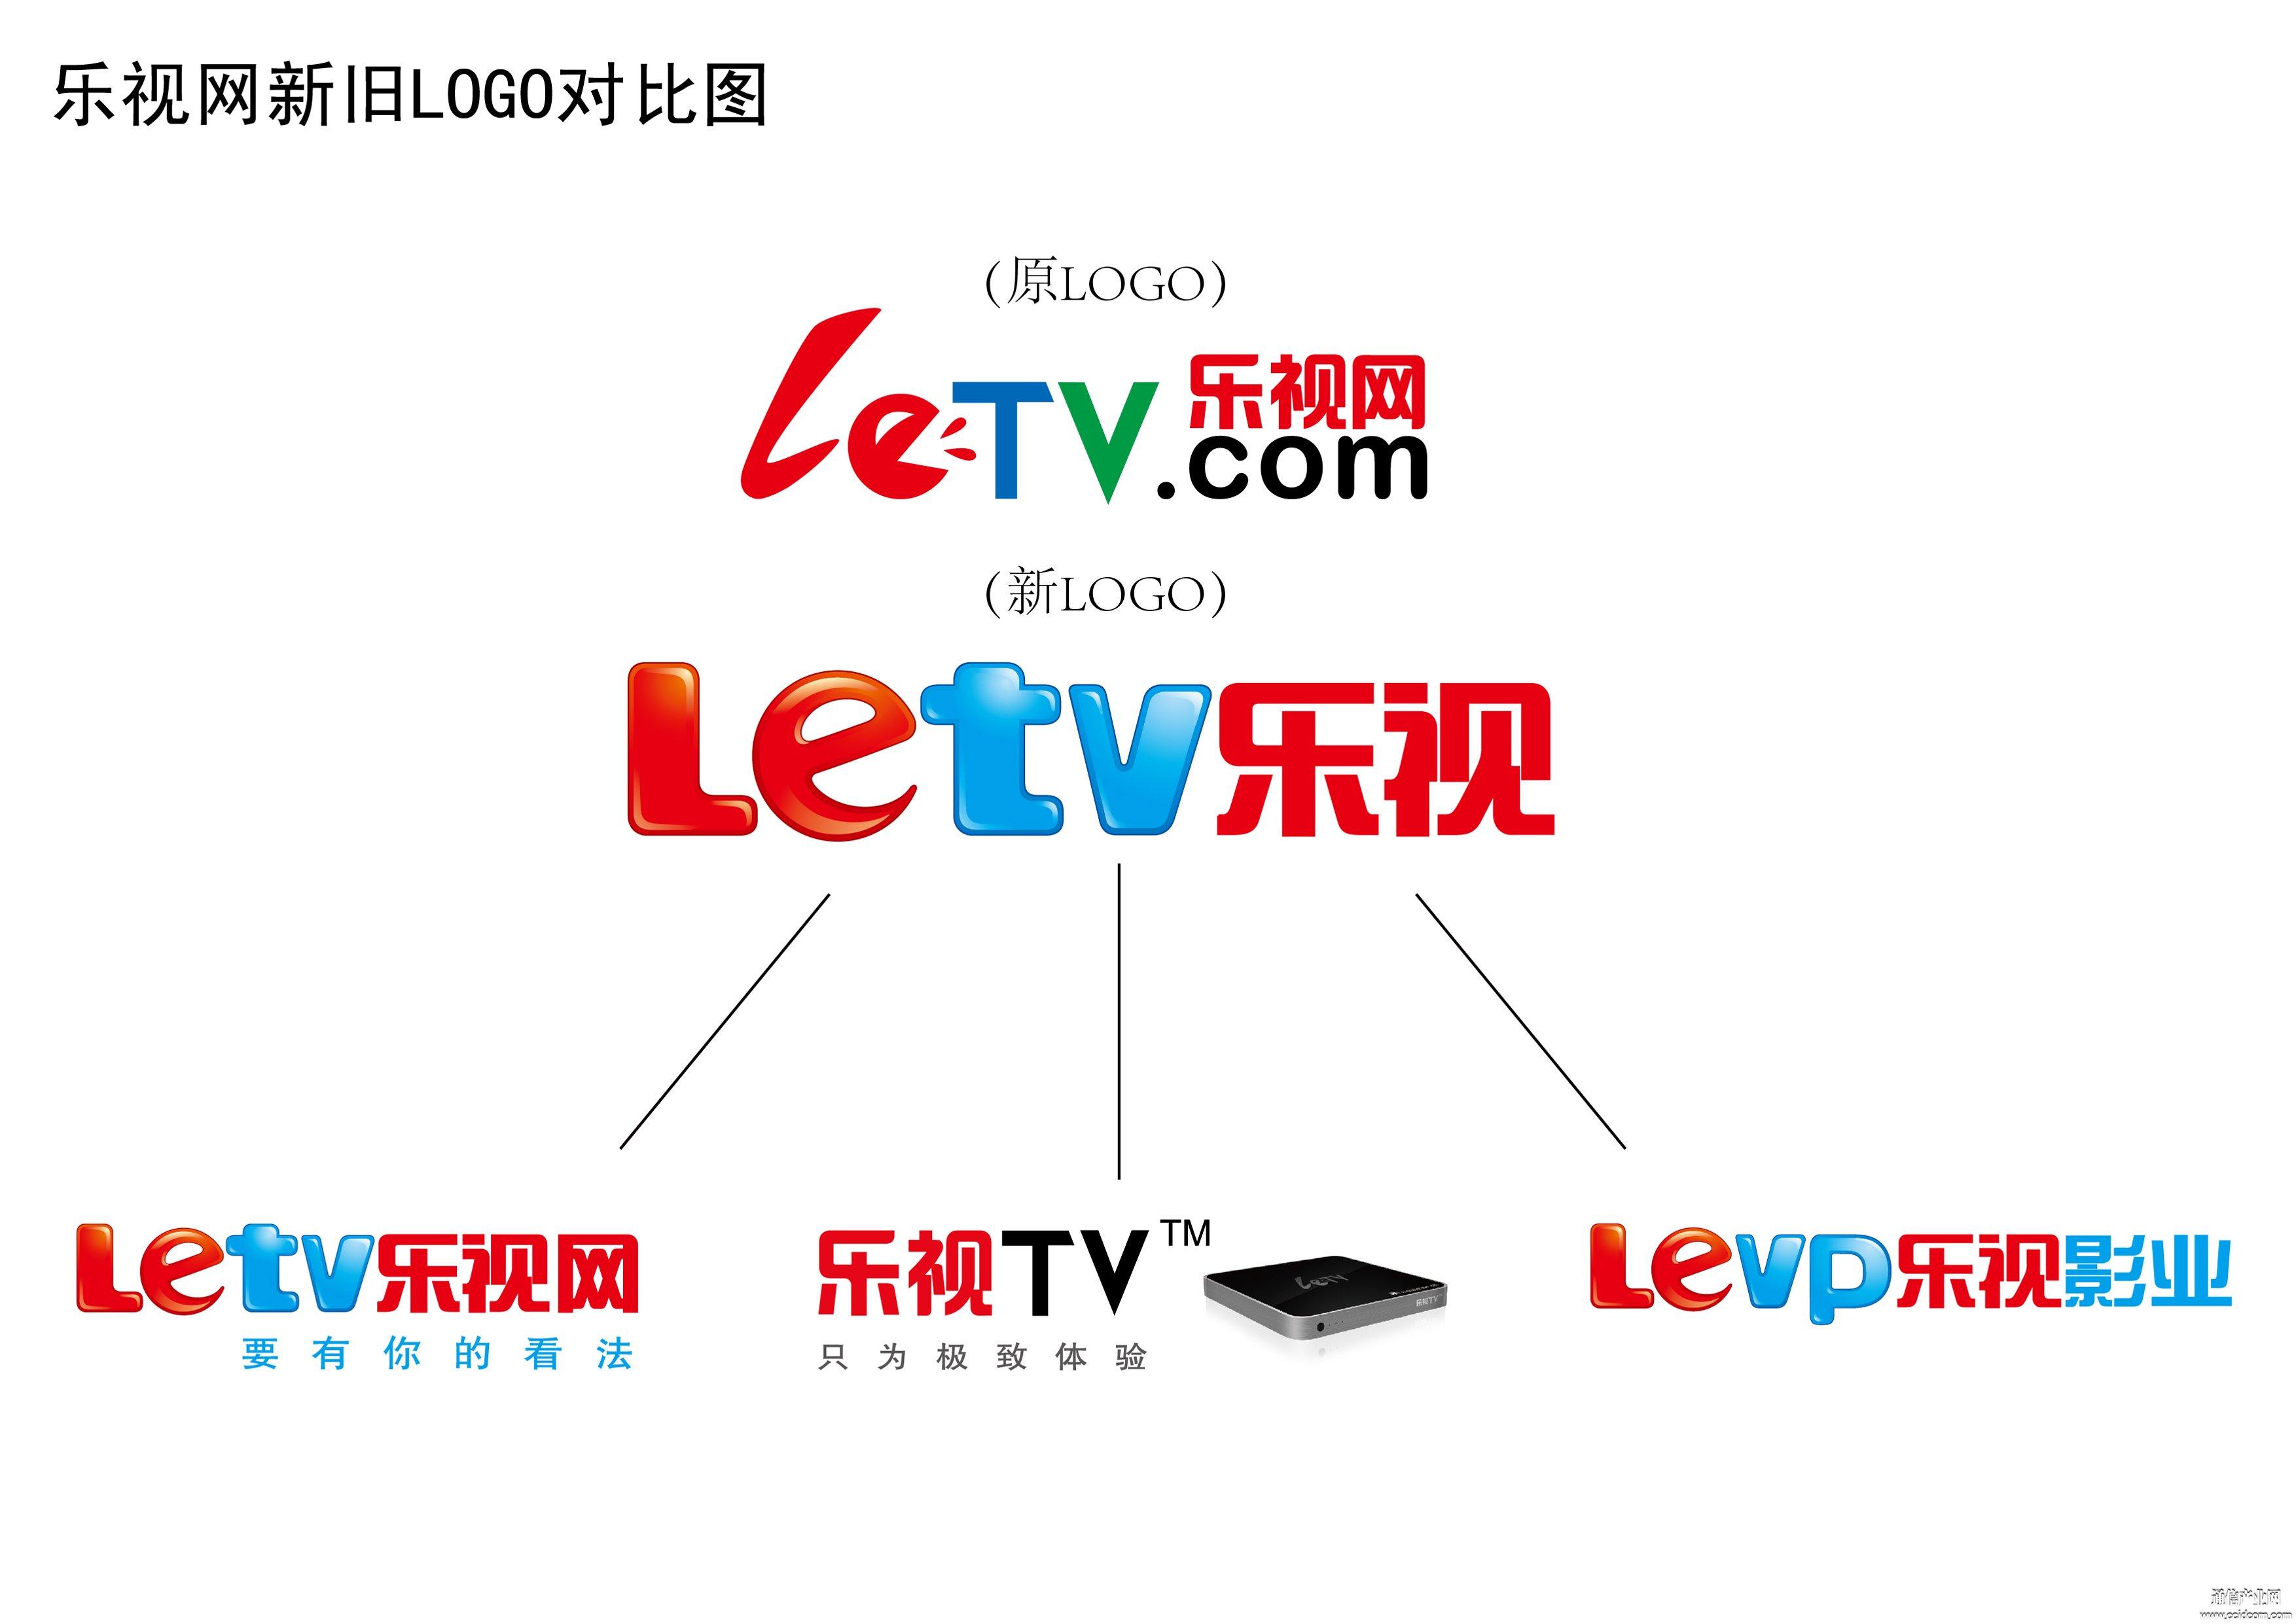 乐视网巩固长品牌第一视频领先跃居升级地位在线视频教学图片